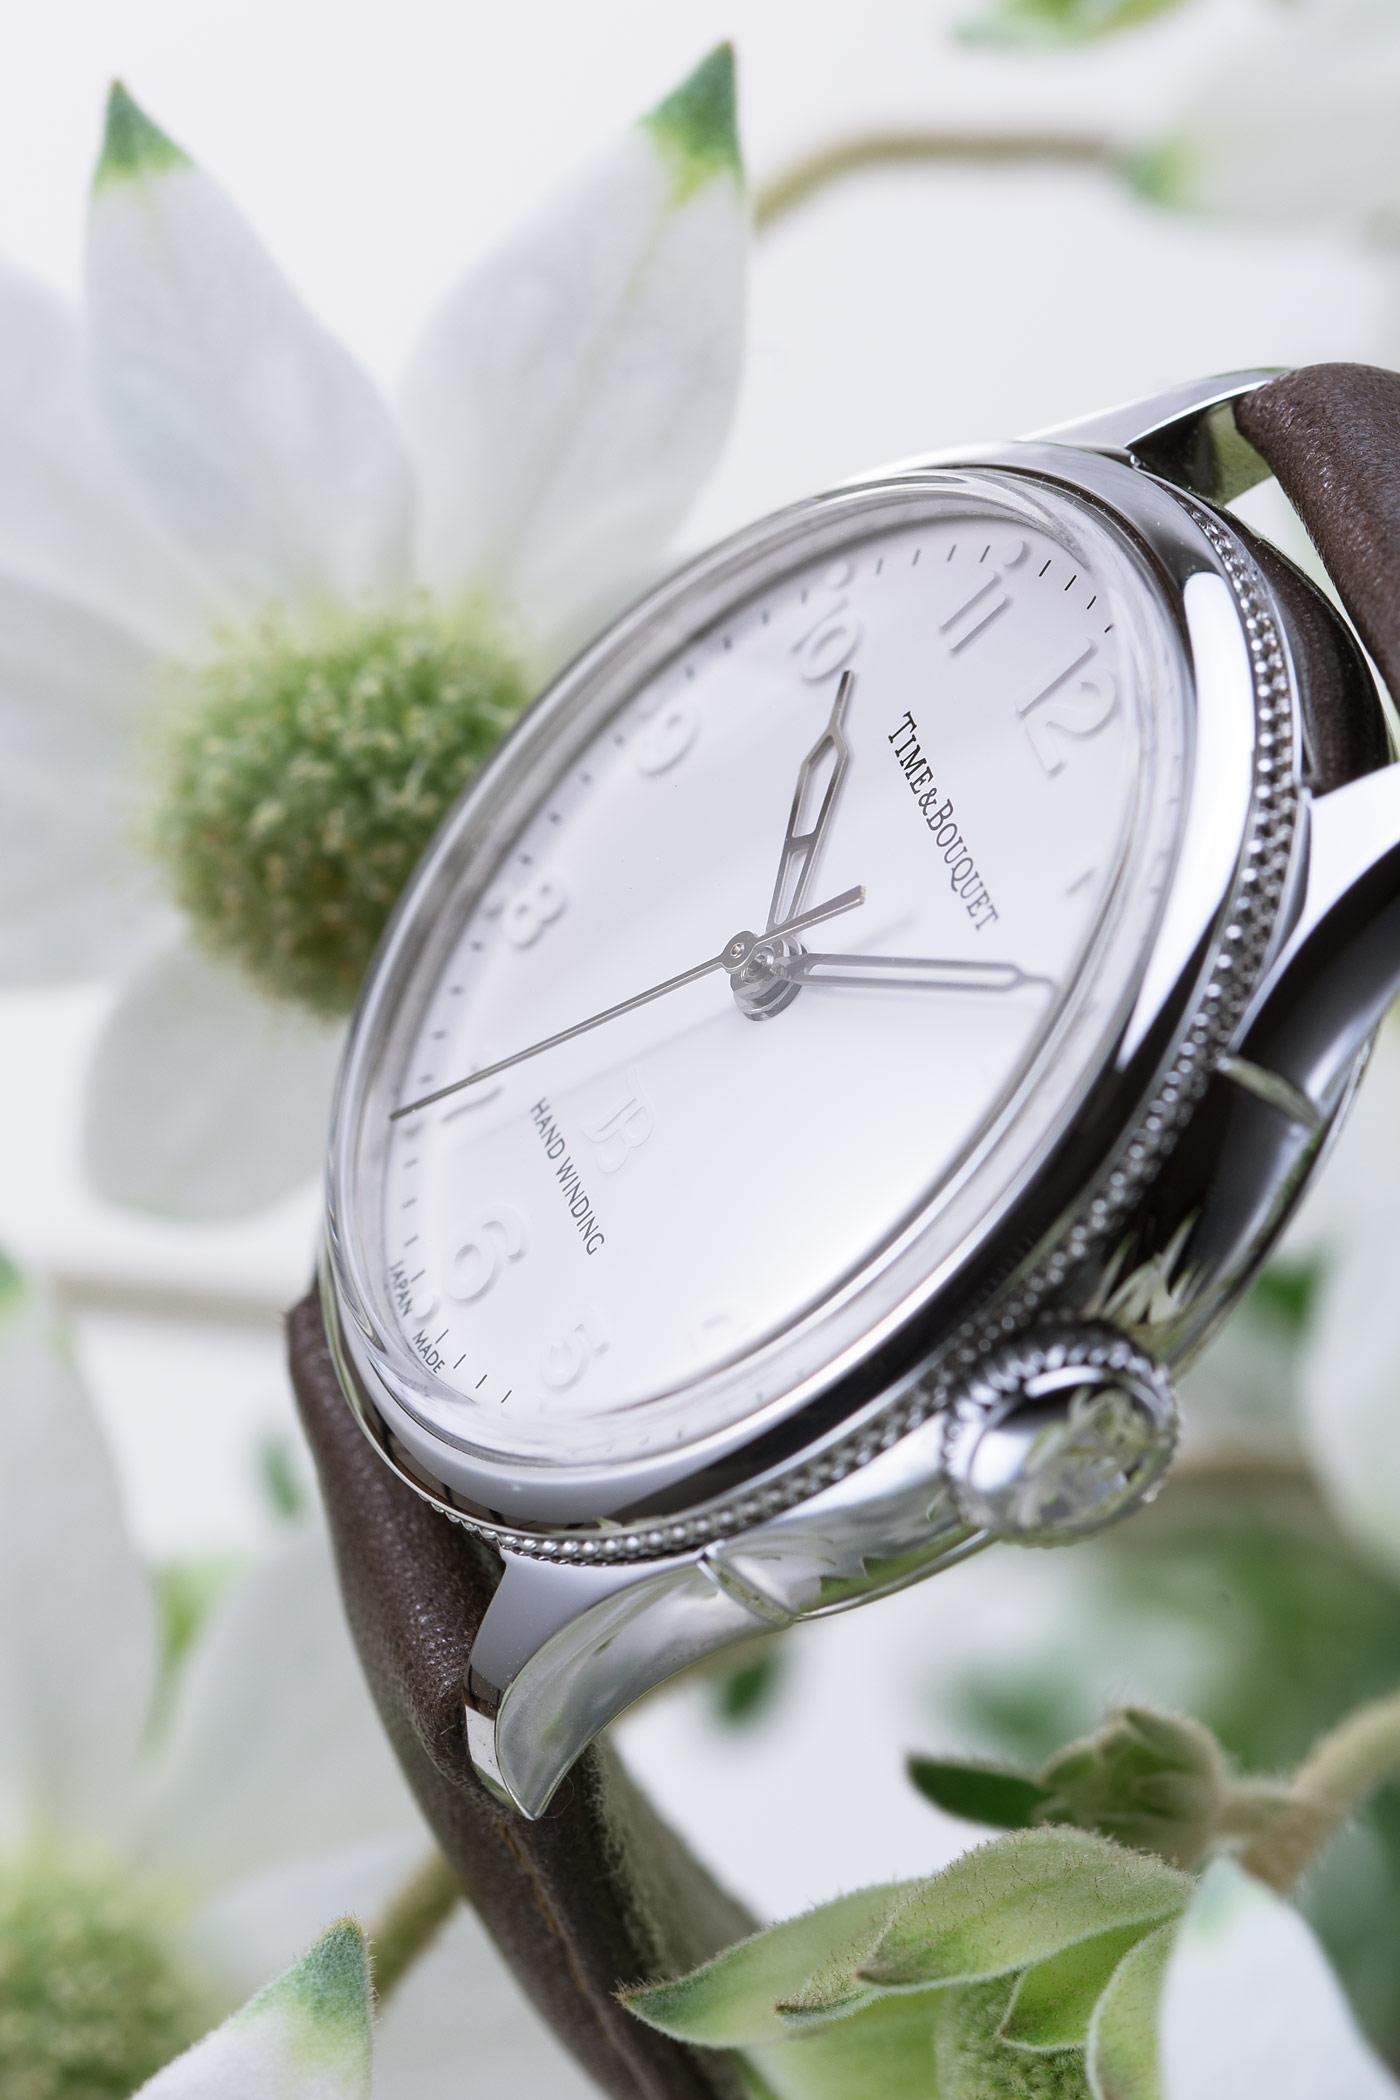 フランネルフラワーに囲まれる機械式手巻き腕時計Nel(ネル)